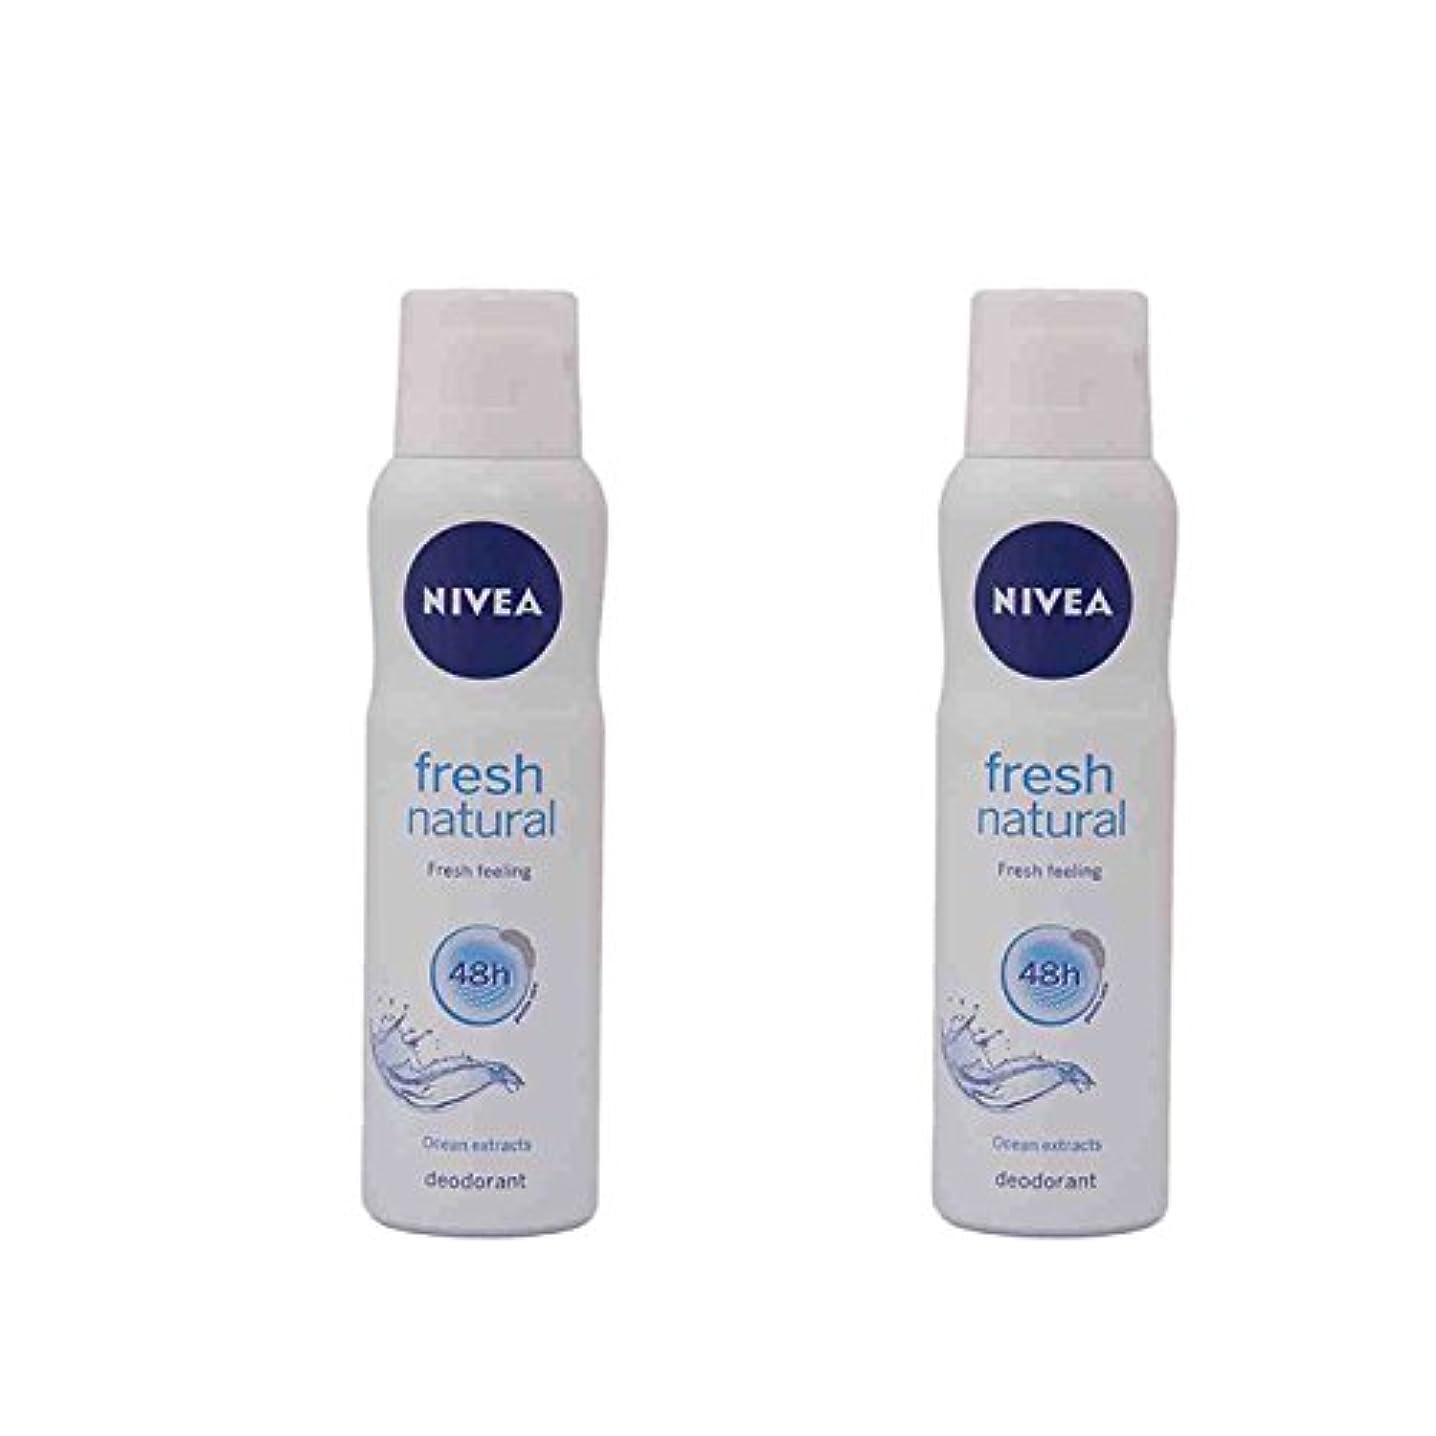 代替案叫び声ボット2 Lots X Nivea For Women Fresh Natural Deodorant, 150ml - 並行輸入品 - 2ロットXニベア女性用フレッシュナチュラルデオドラント、150ml